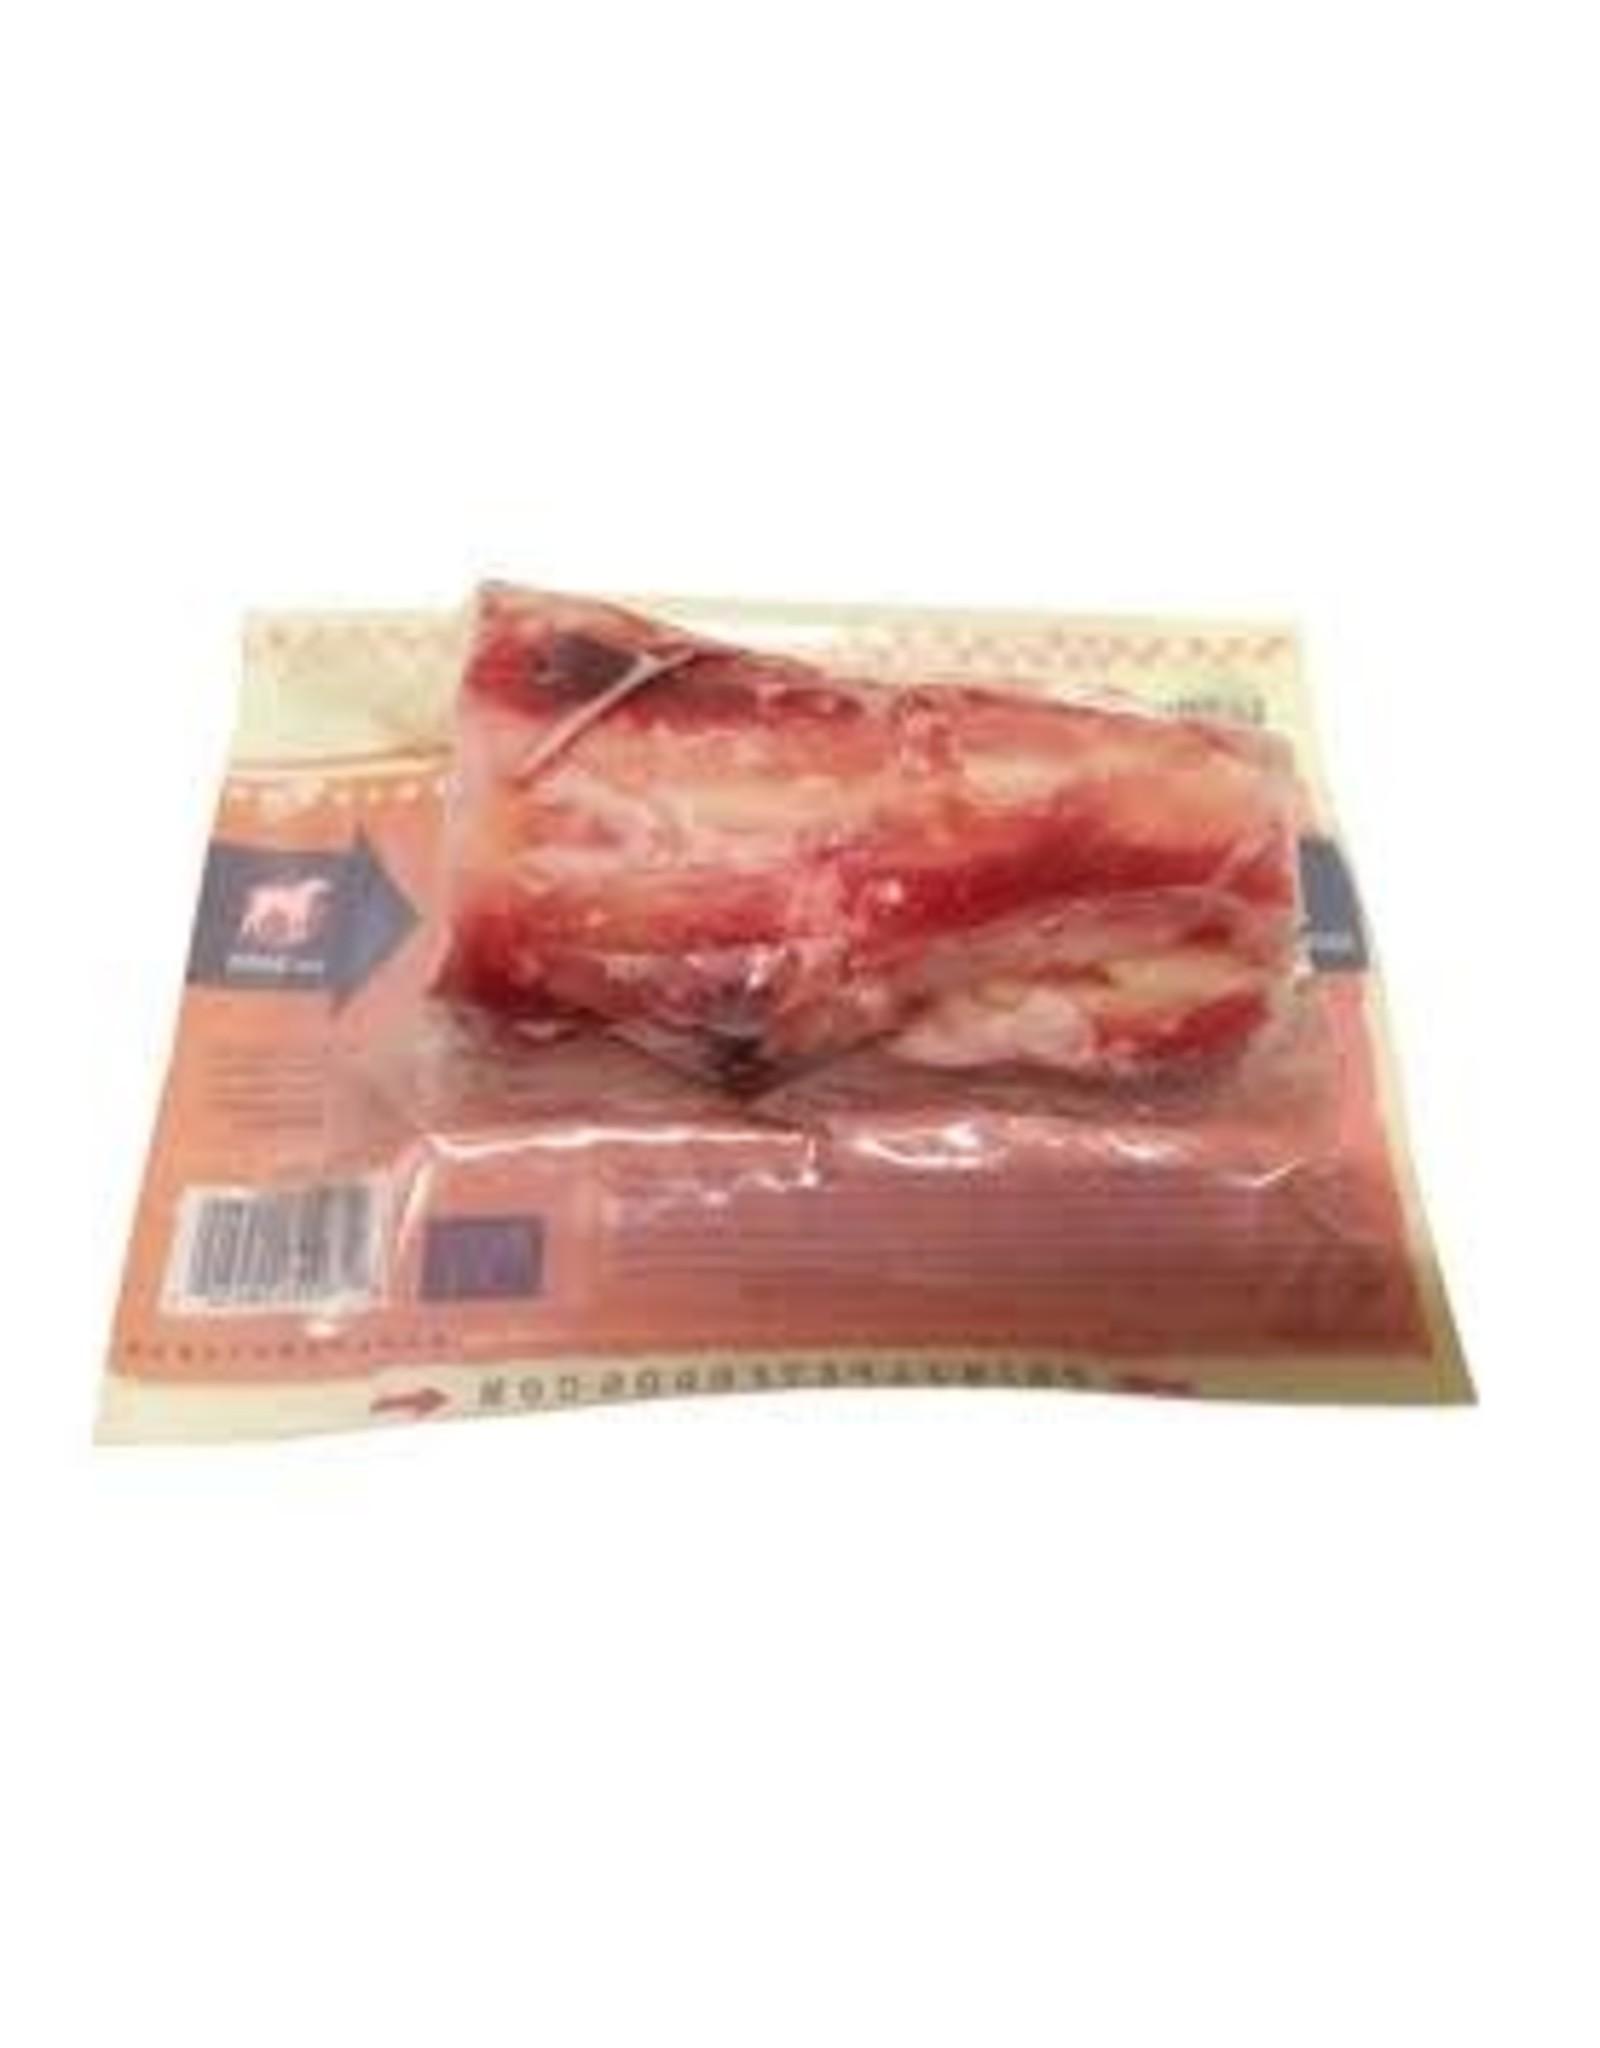 Primal Primal - Beef Marrow Bone Large